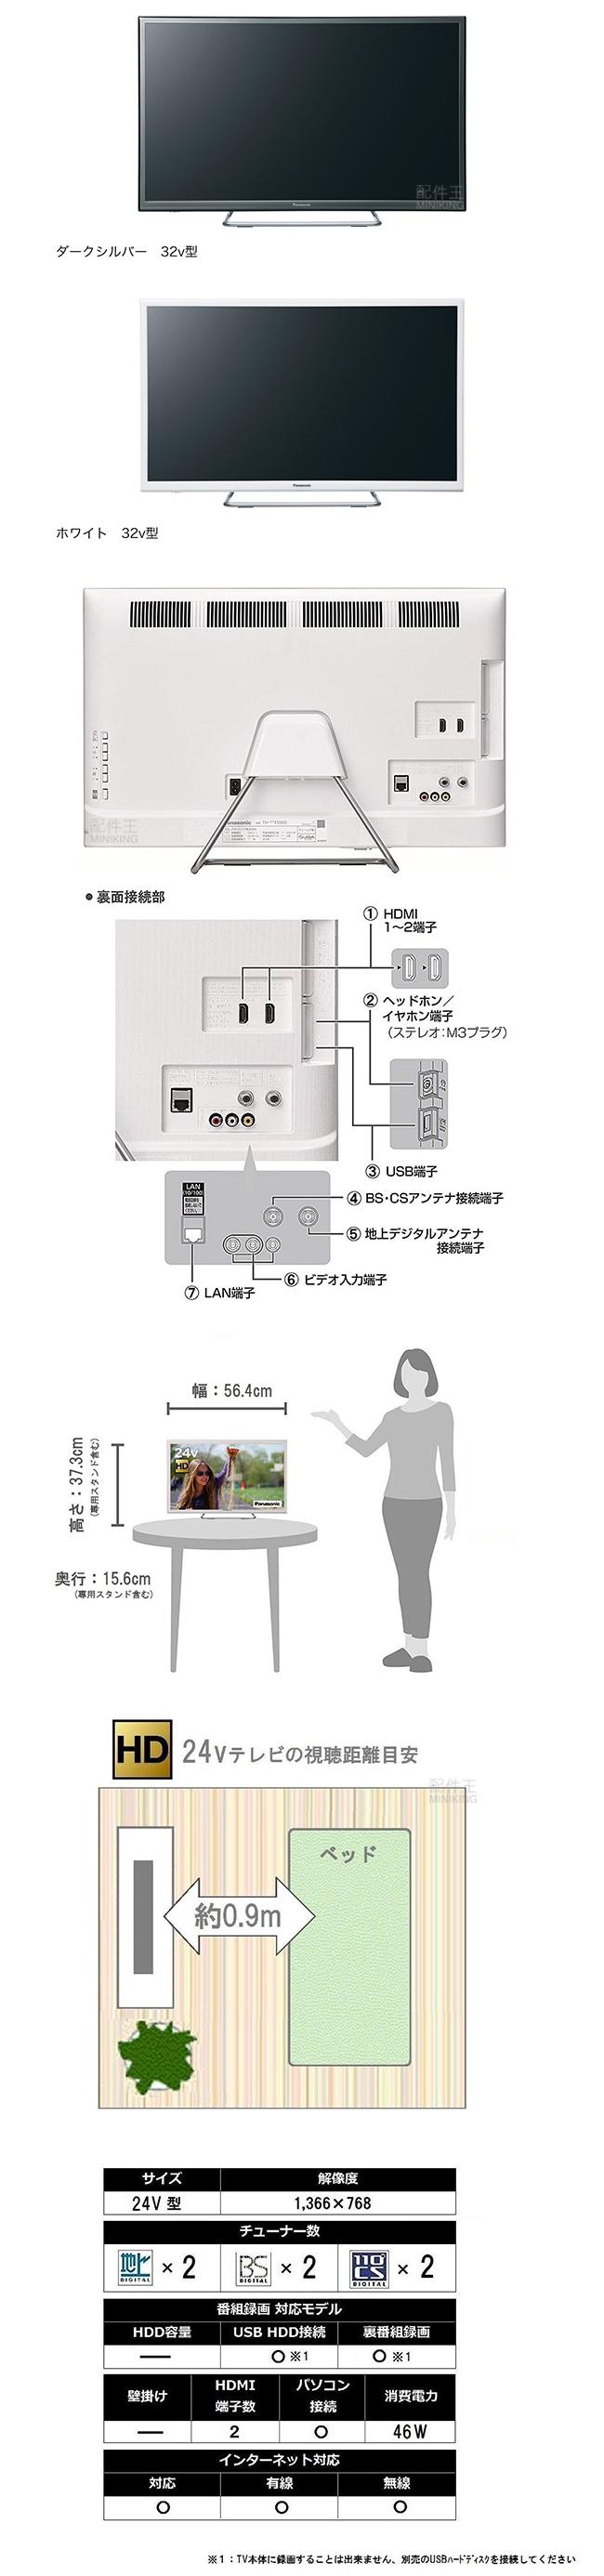 【熱賣商品推薦】【配件王】日本代購 Panasonic 國際牌 VIERA TH-24ES500 24吋 液晶電視 手機操作 白色 銀色